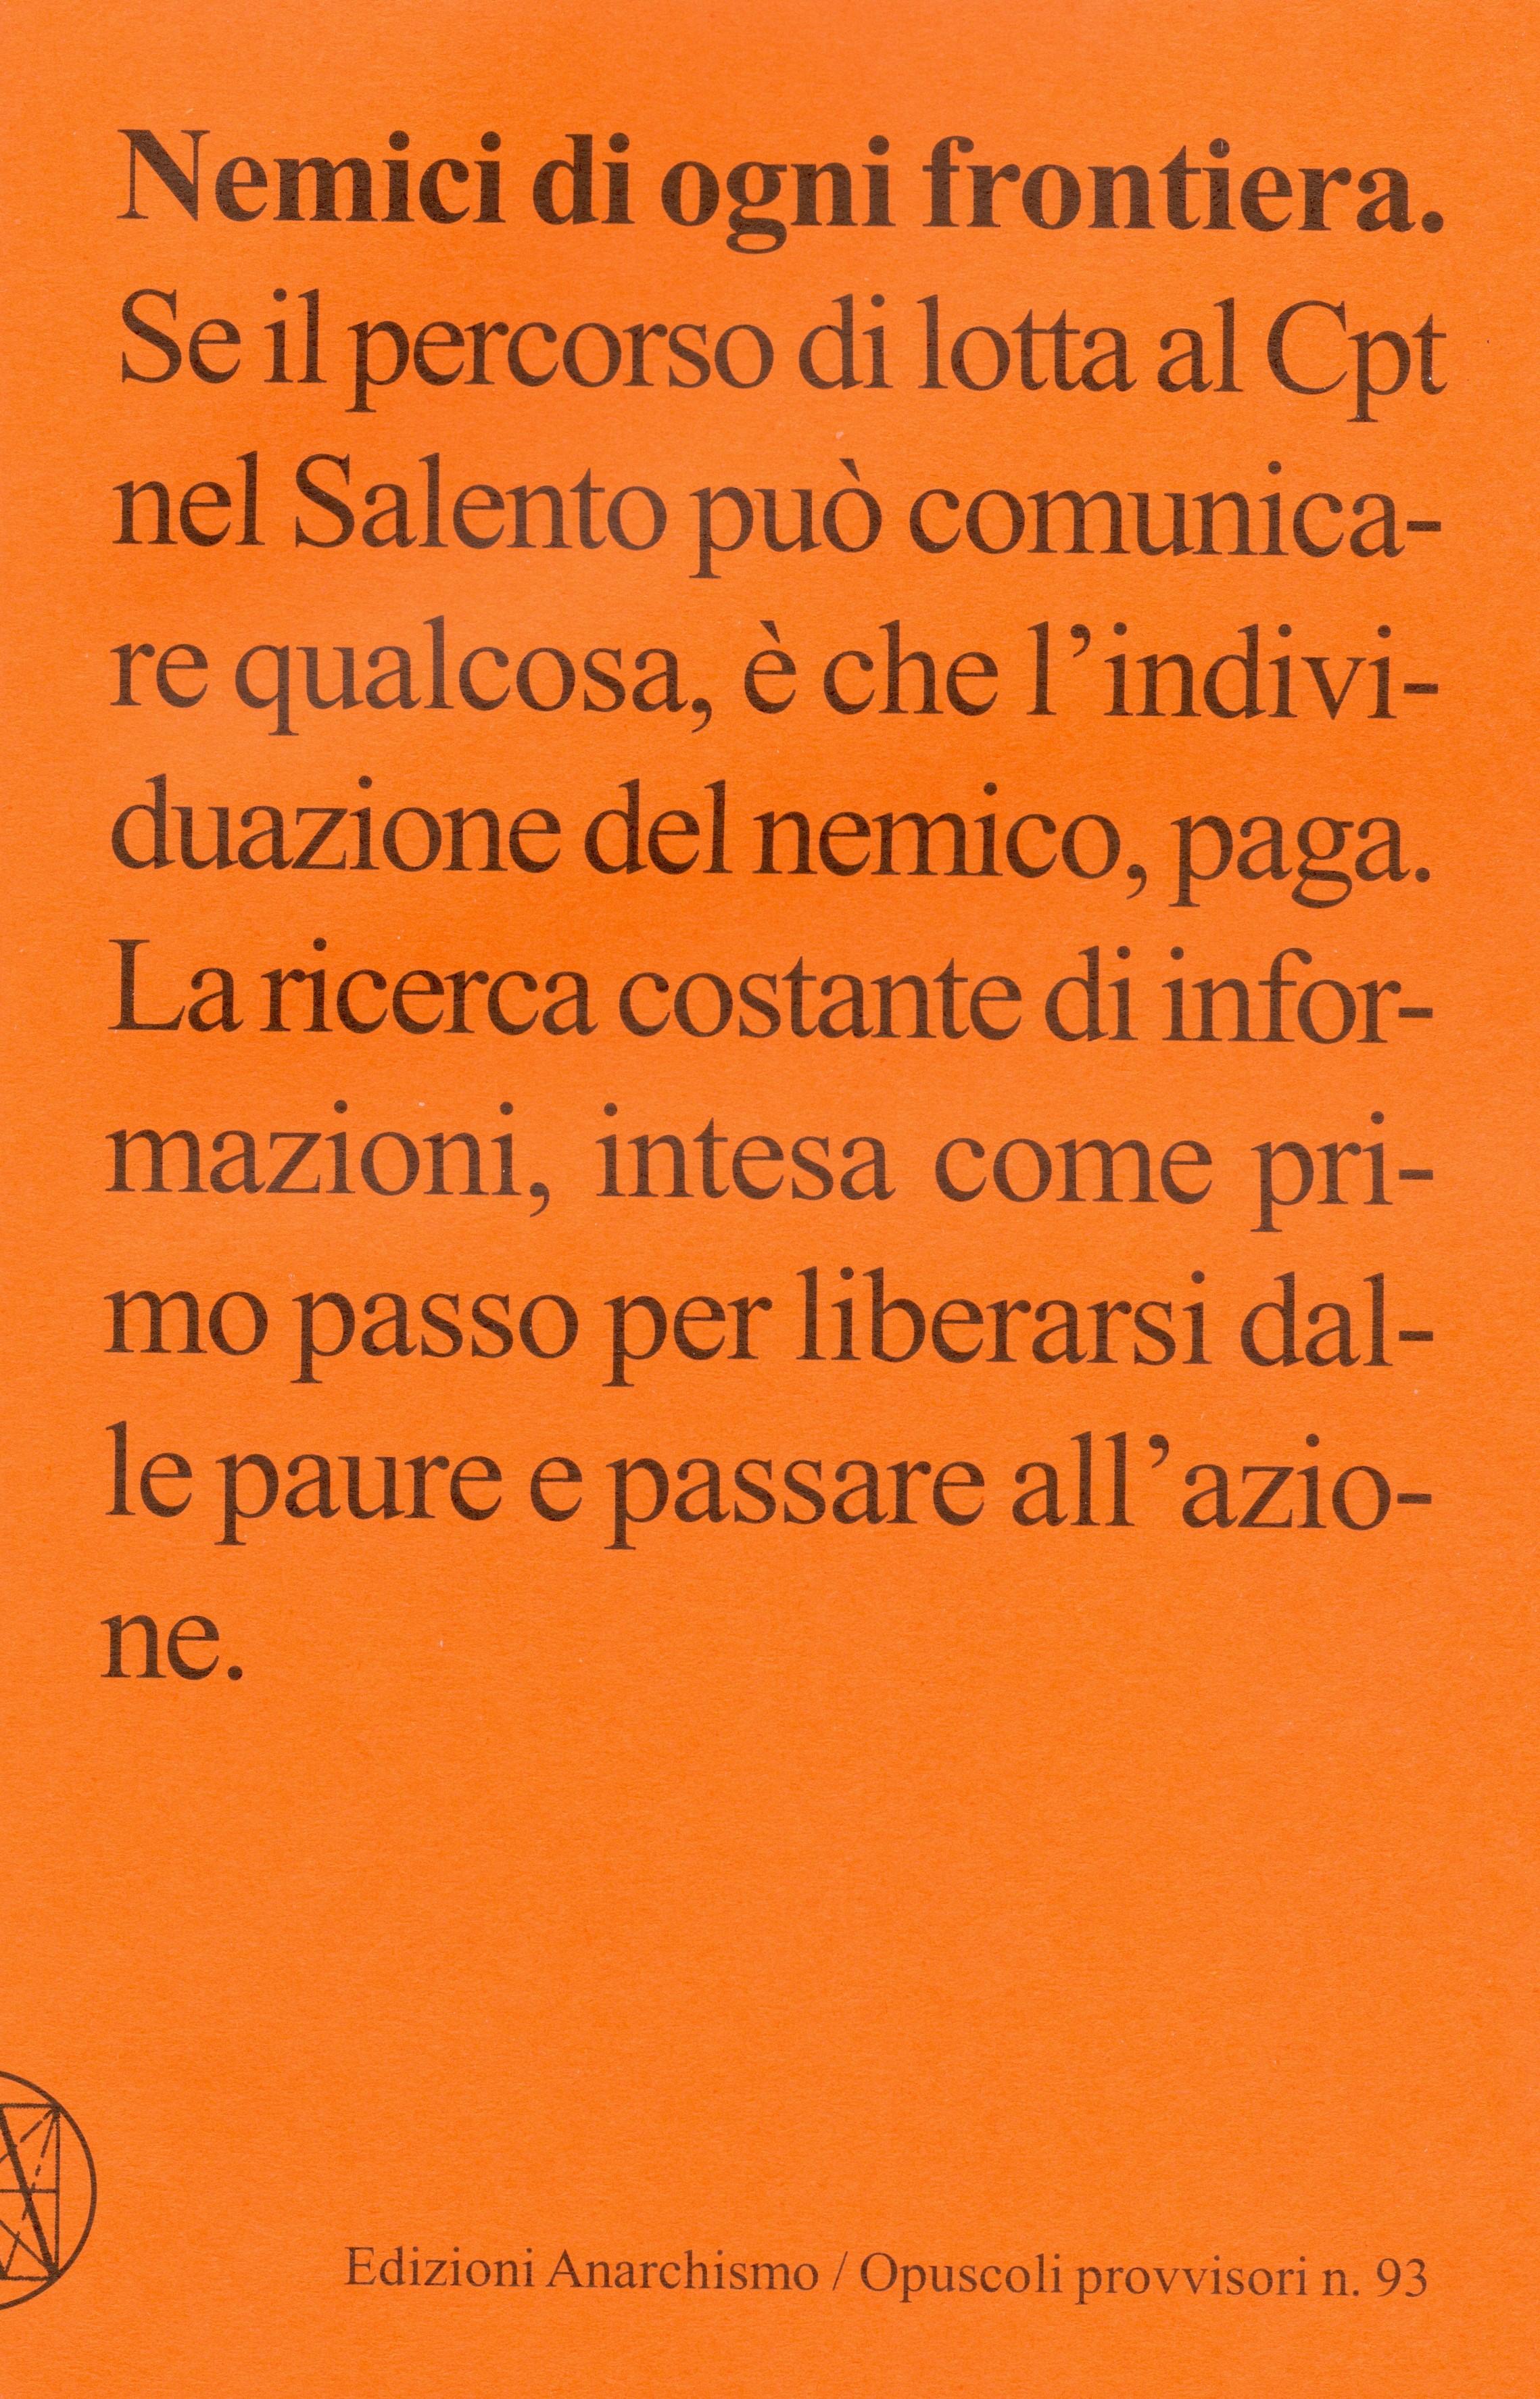 https://www.edizionianarchismo.net/library/l-e-lecce-2.jpg